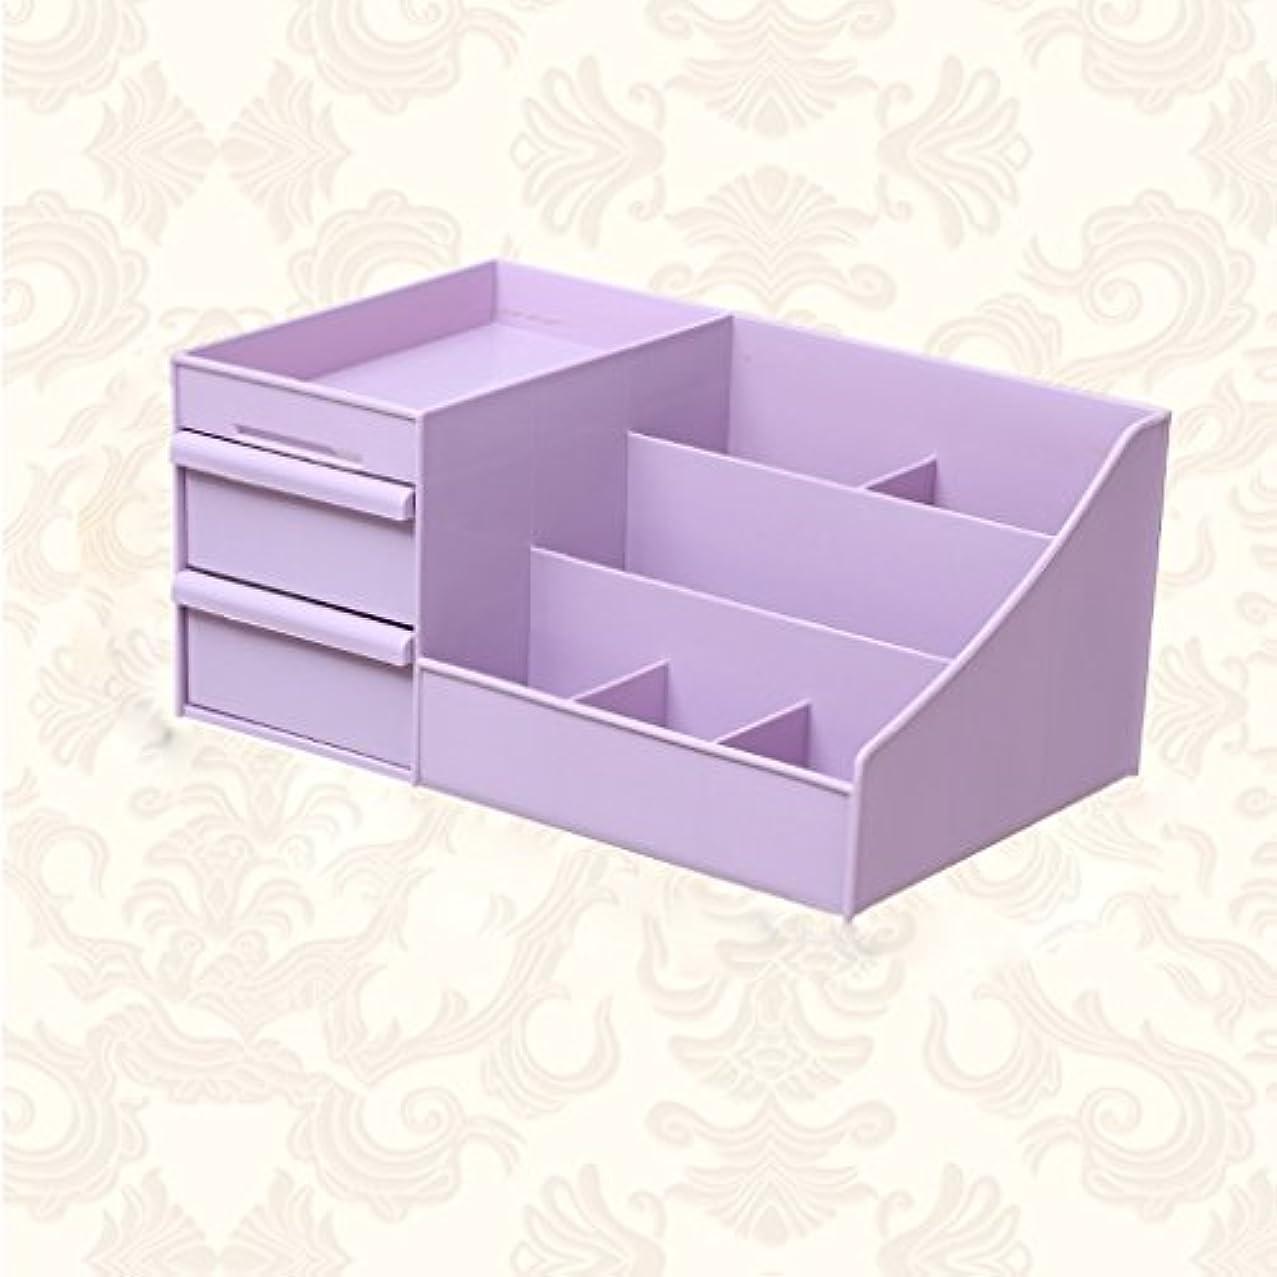 縁リール賞KTYXDE 化粧品収納ボックス女子学生寮デスクトップシンプル大化粧箱化粧台スキンケア製品ラック35.5×22×16センチ 薬収納ボックス (Color : Purple)